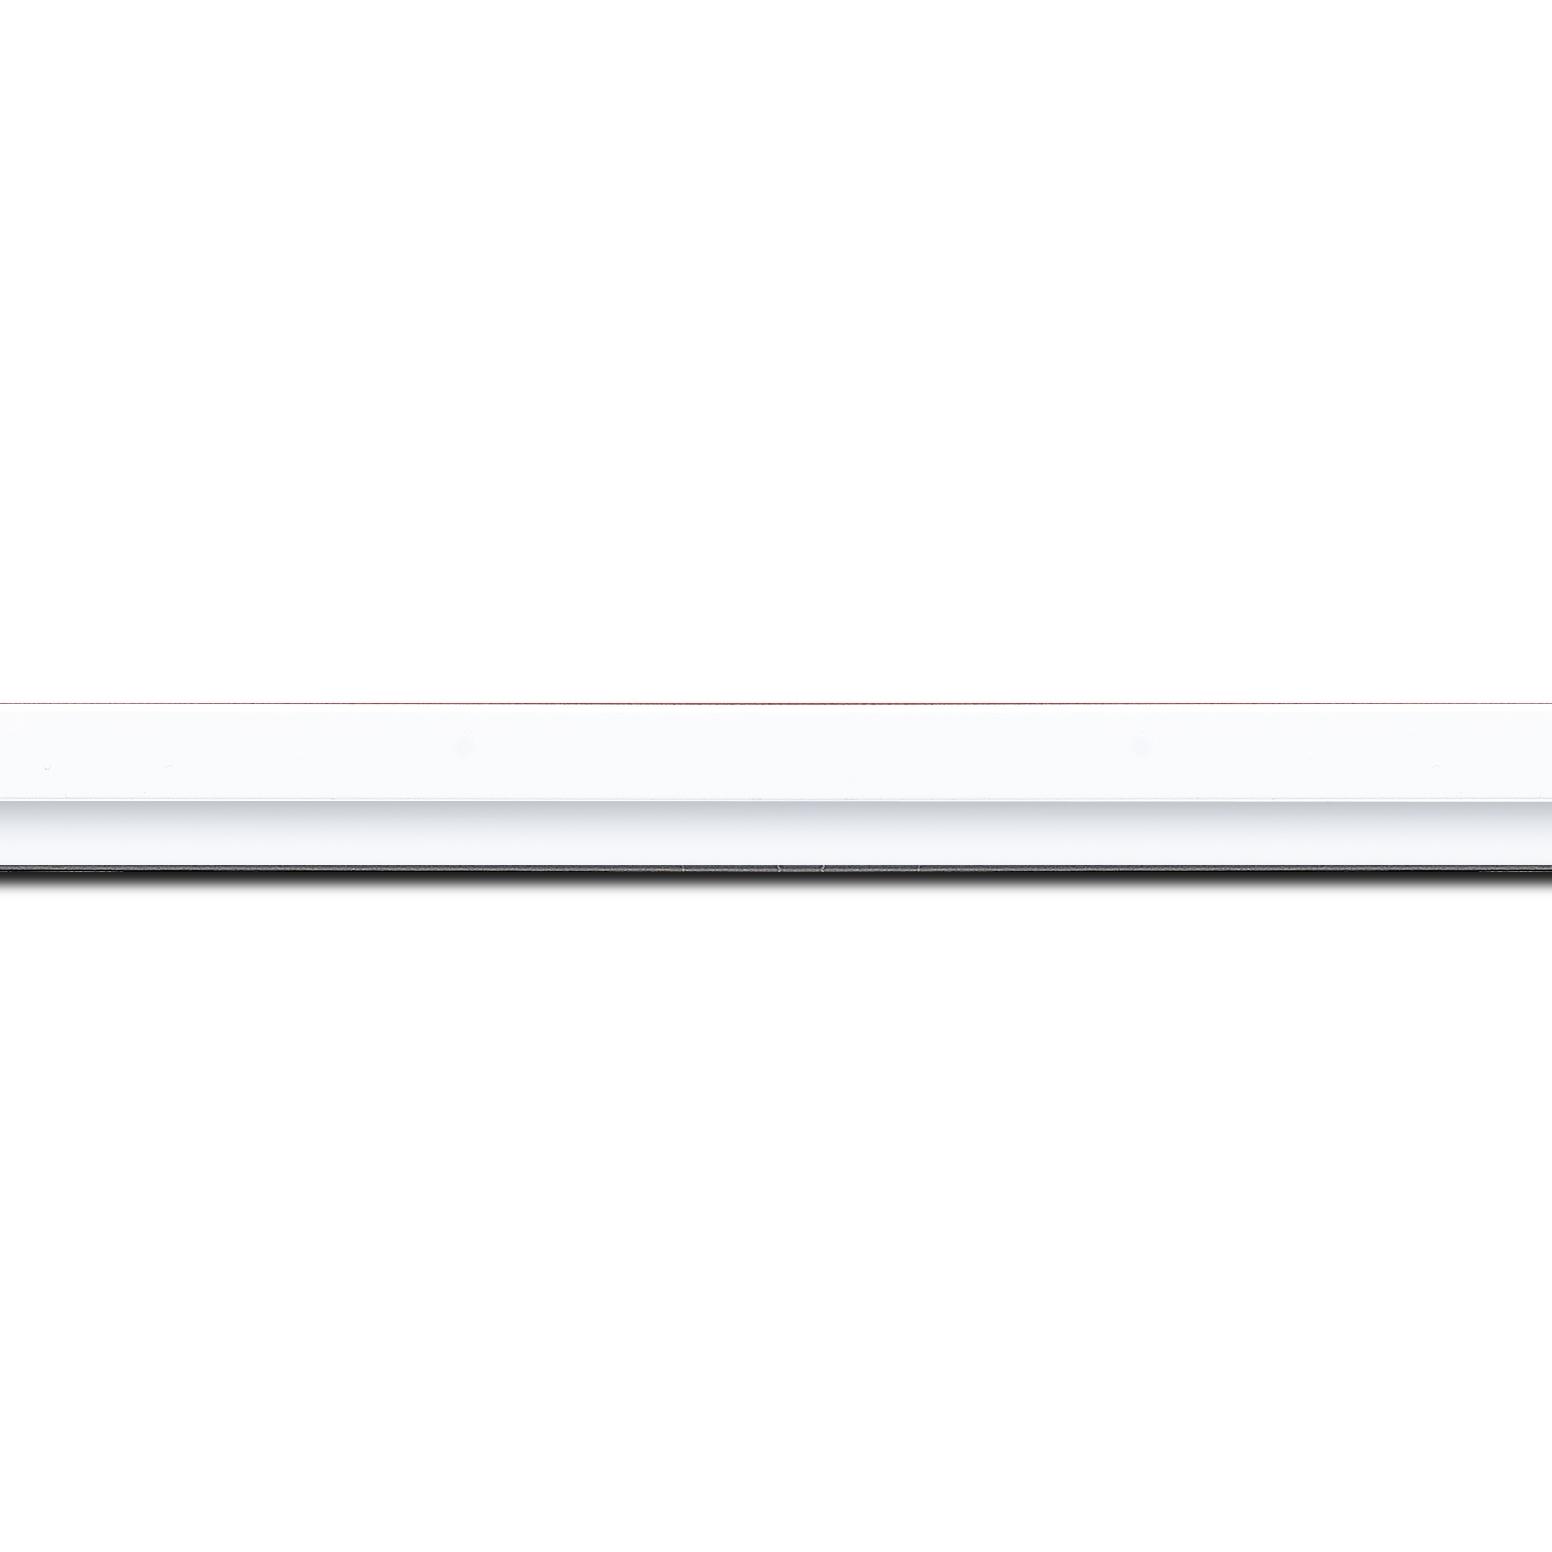 Pack par 12m, bois profil plat largeur 1.6cm couleur blanc mat finition pore bouché filet blanc en retrait de la face du cadre de 6mm assurant un effet très original (longueur baguette pouvant varier entre 2.40m et 3m selon arrivage des bois)